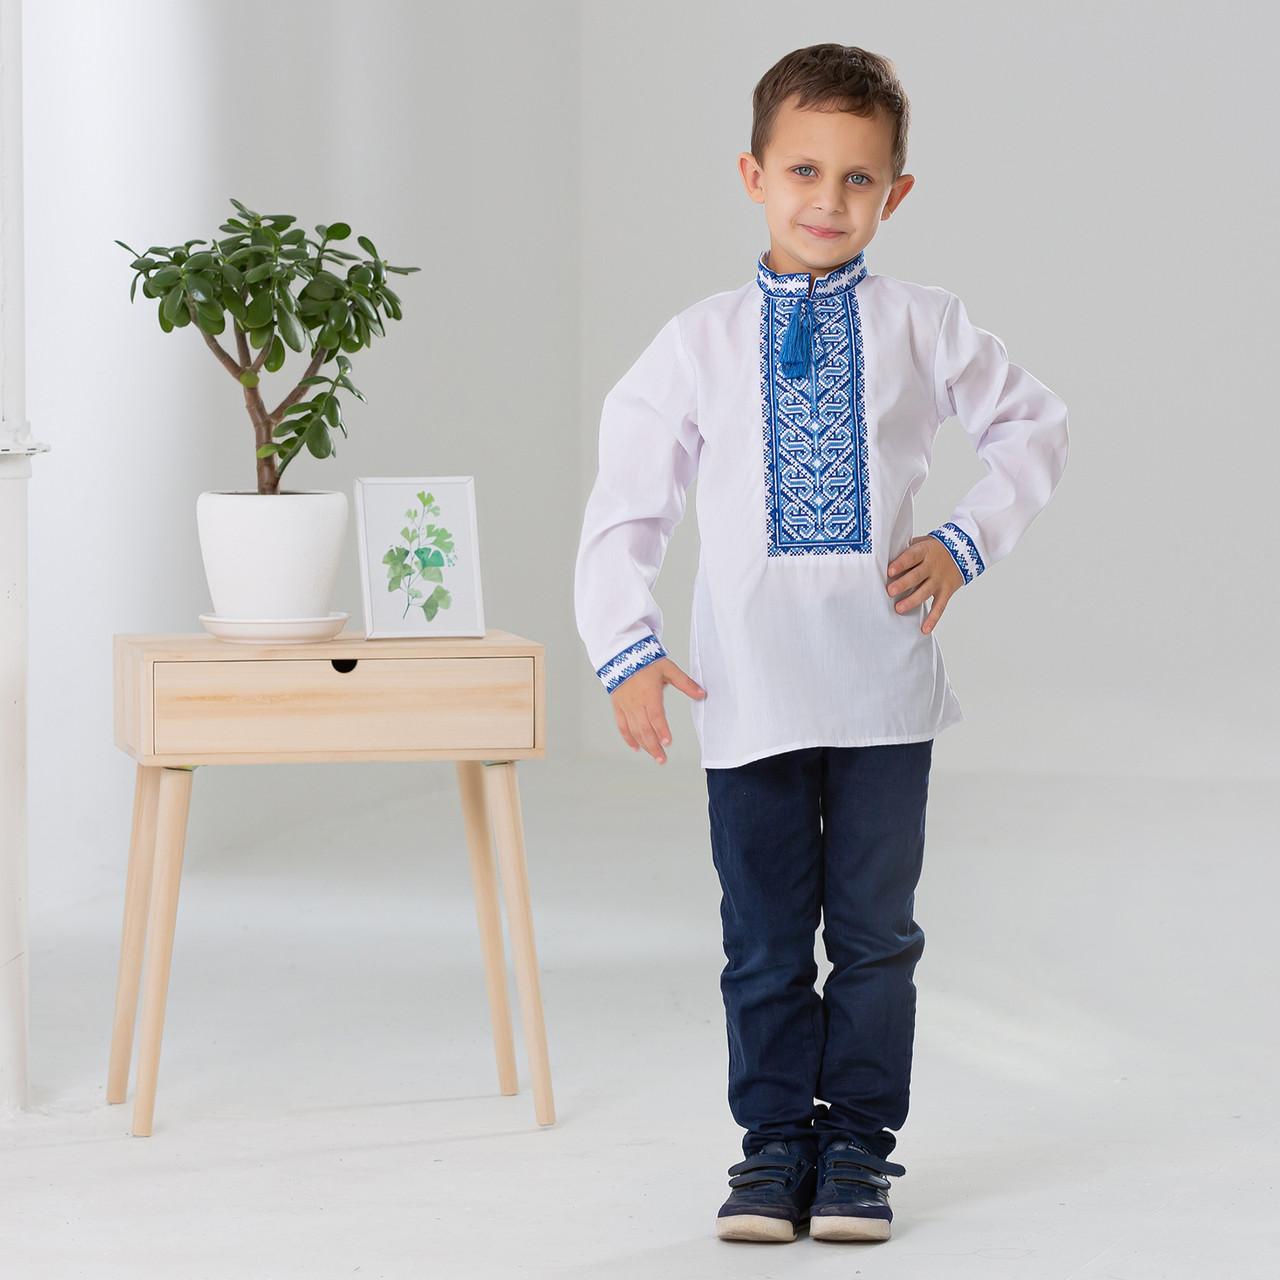 Дитяча вишиванка для хлопчика з синім орнаментом